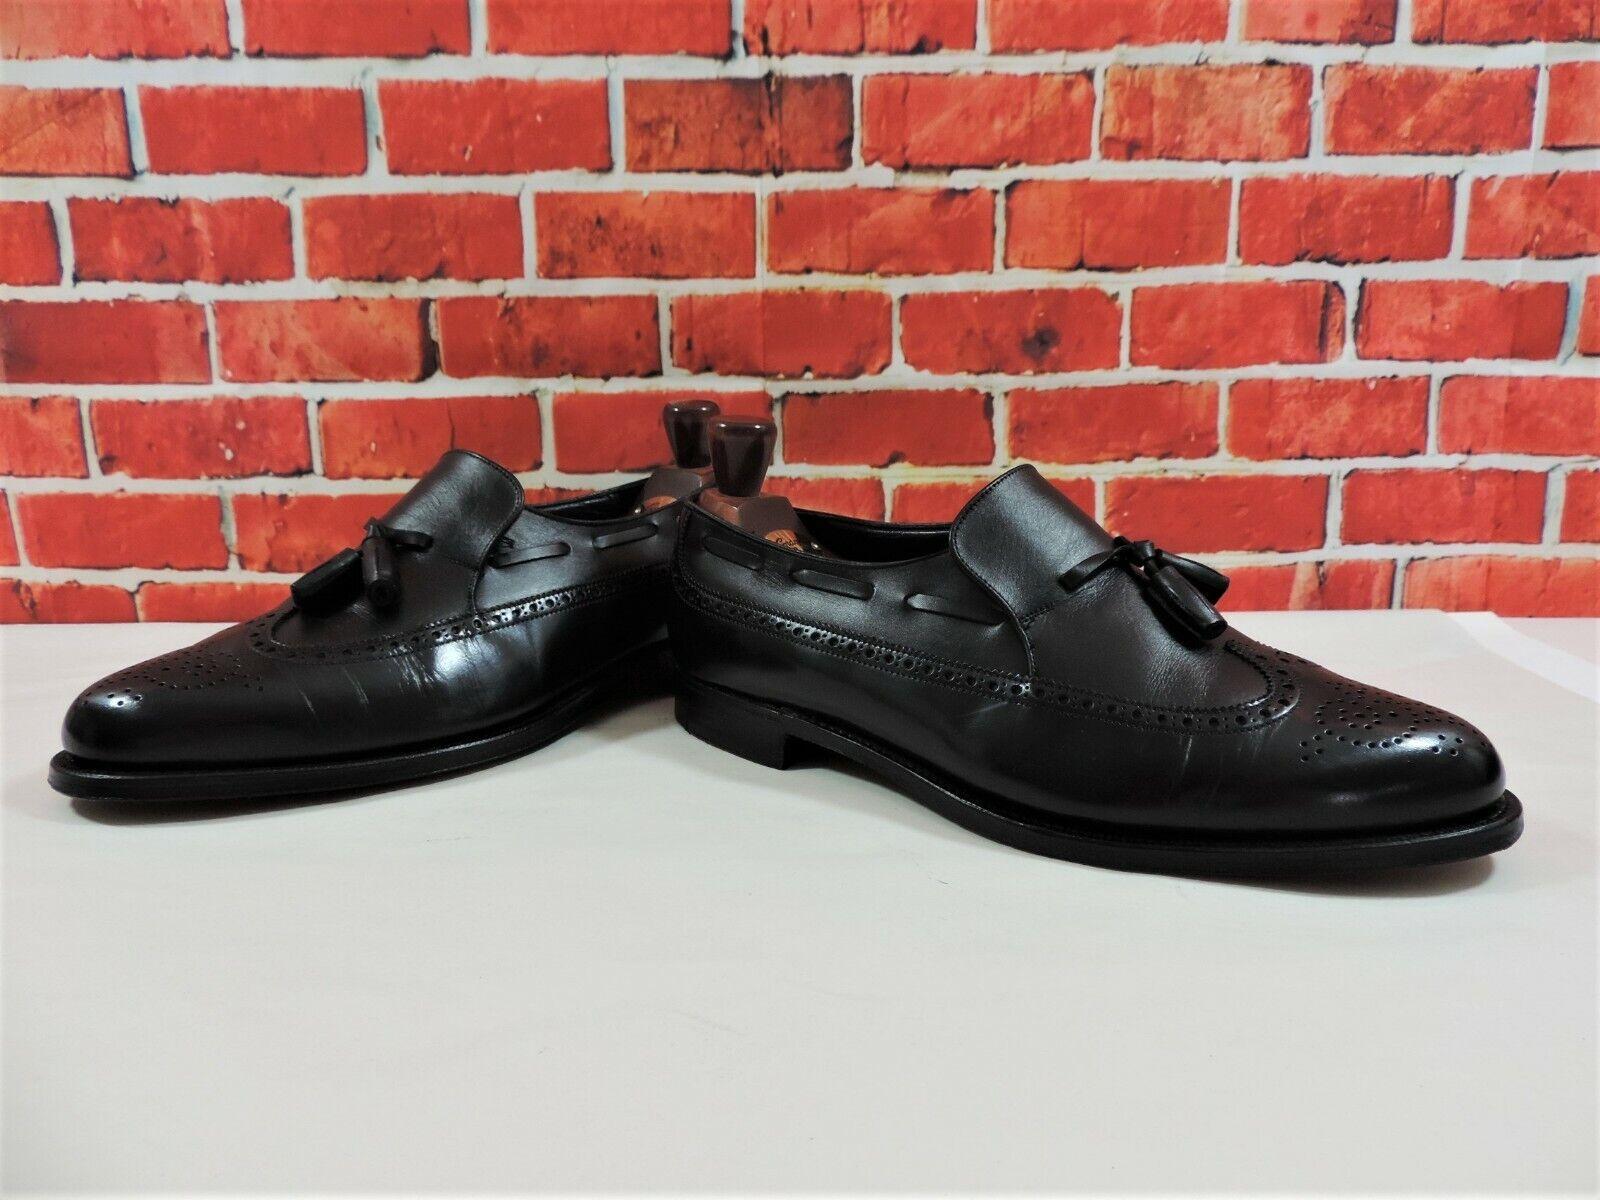 Crockett & Jones Zapato Oxford Mocasines con Borlas US 9.5 Ue 42,5 Muy